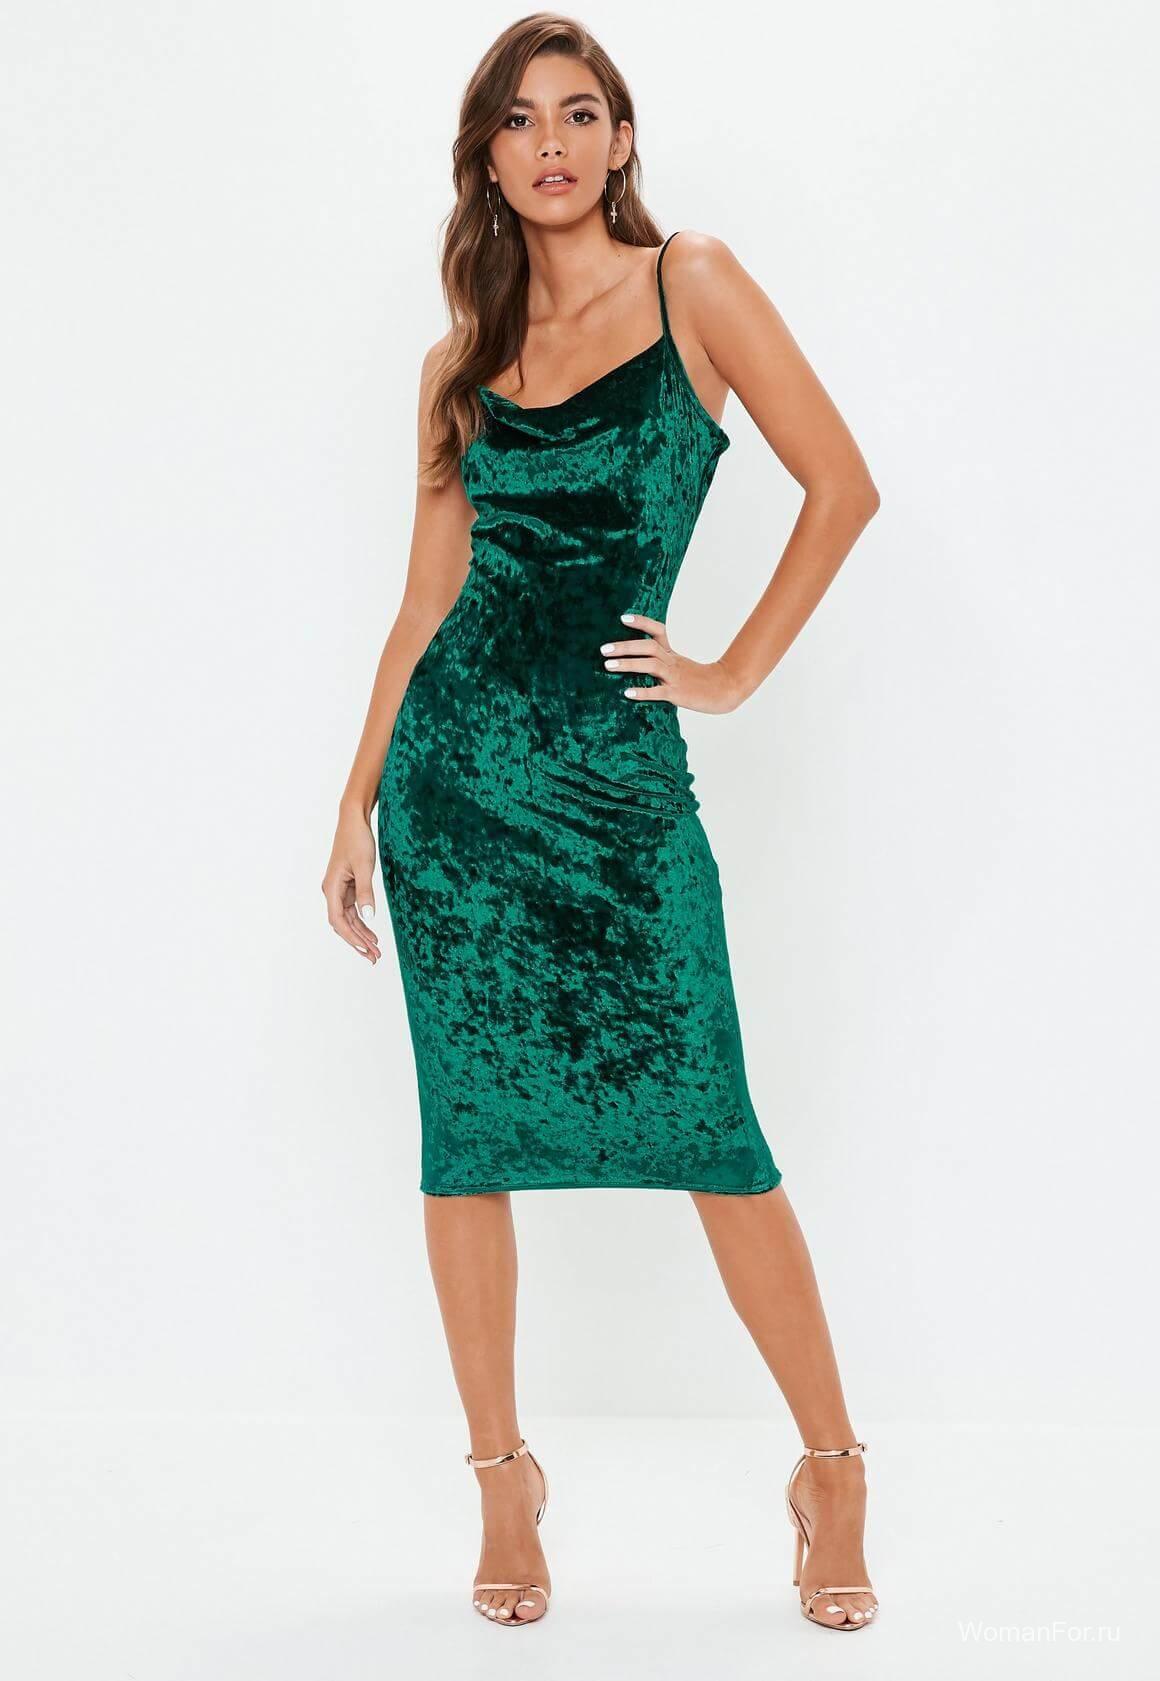 Зеленое платье на Новый год 2019